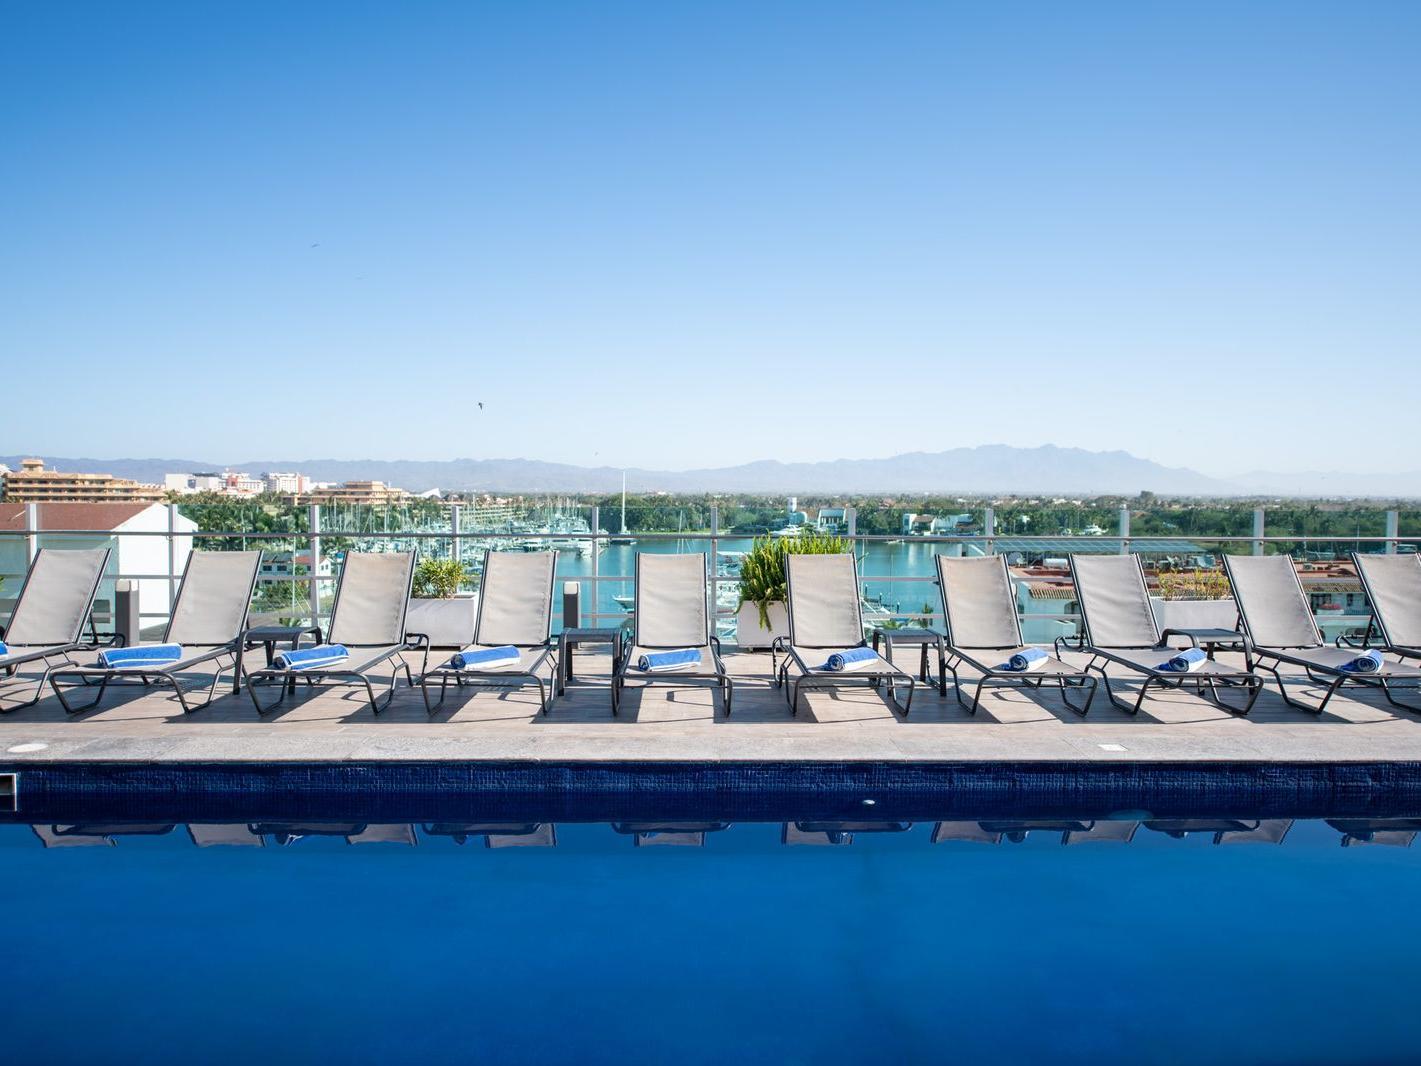 Swimming Pool facilities at Hotel Villa Varadero